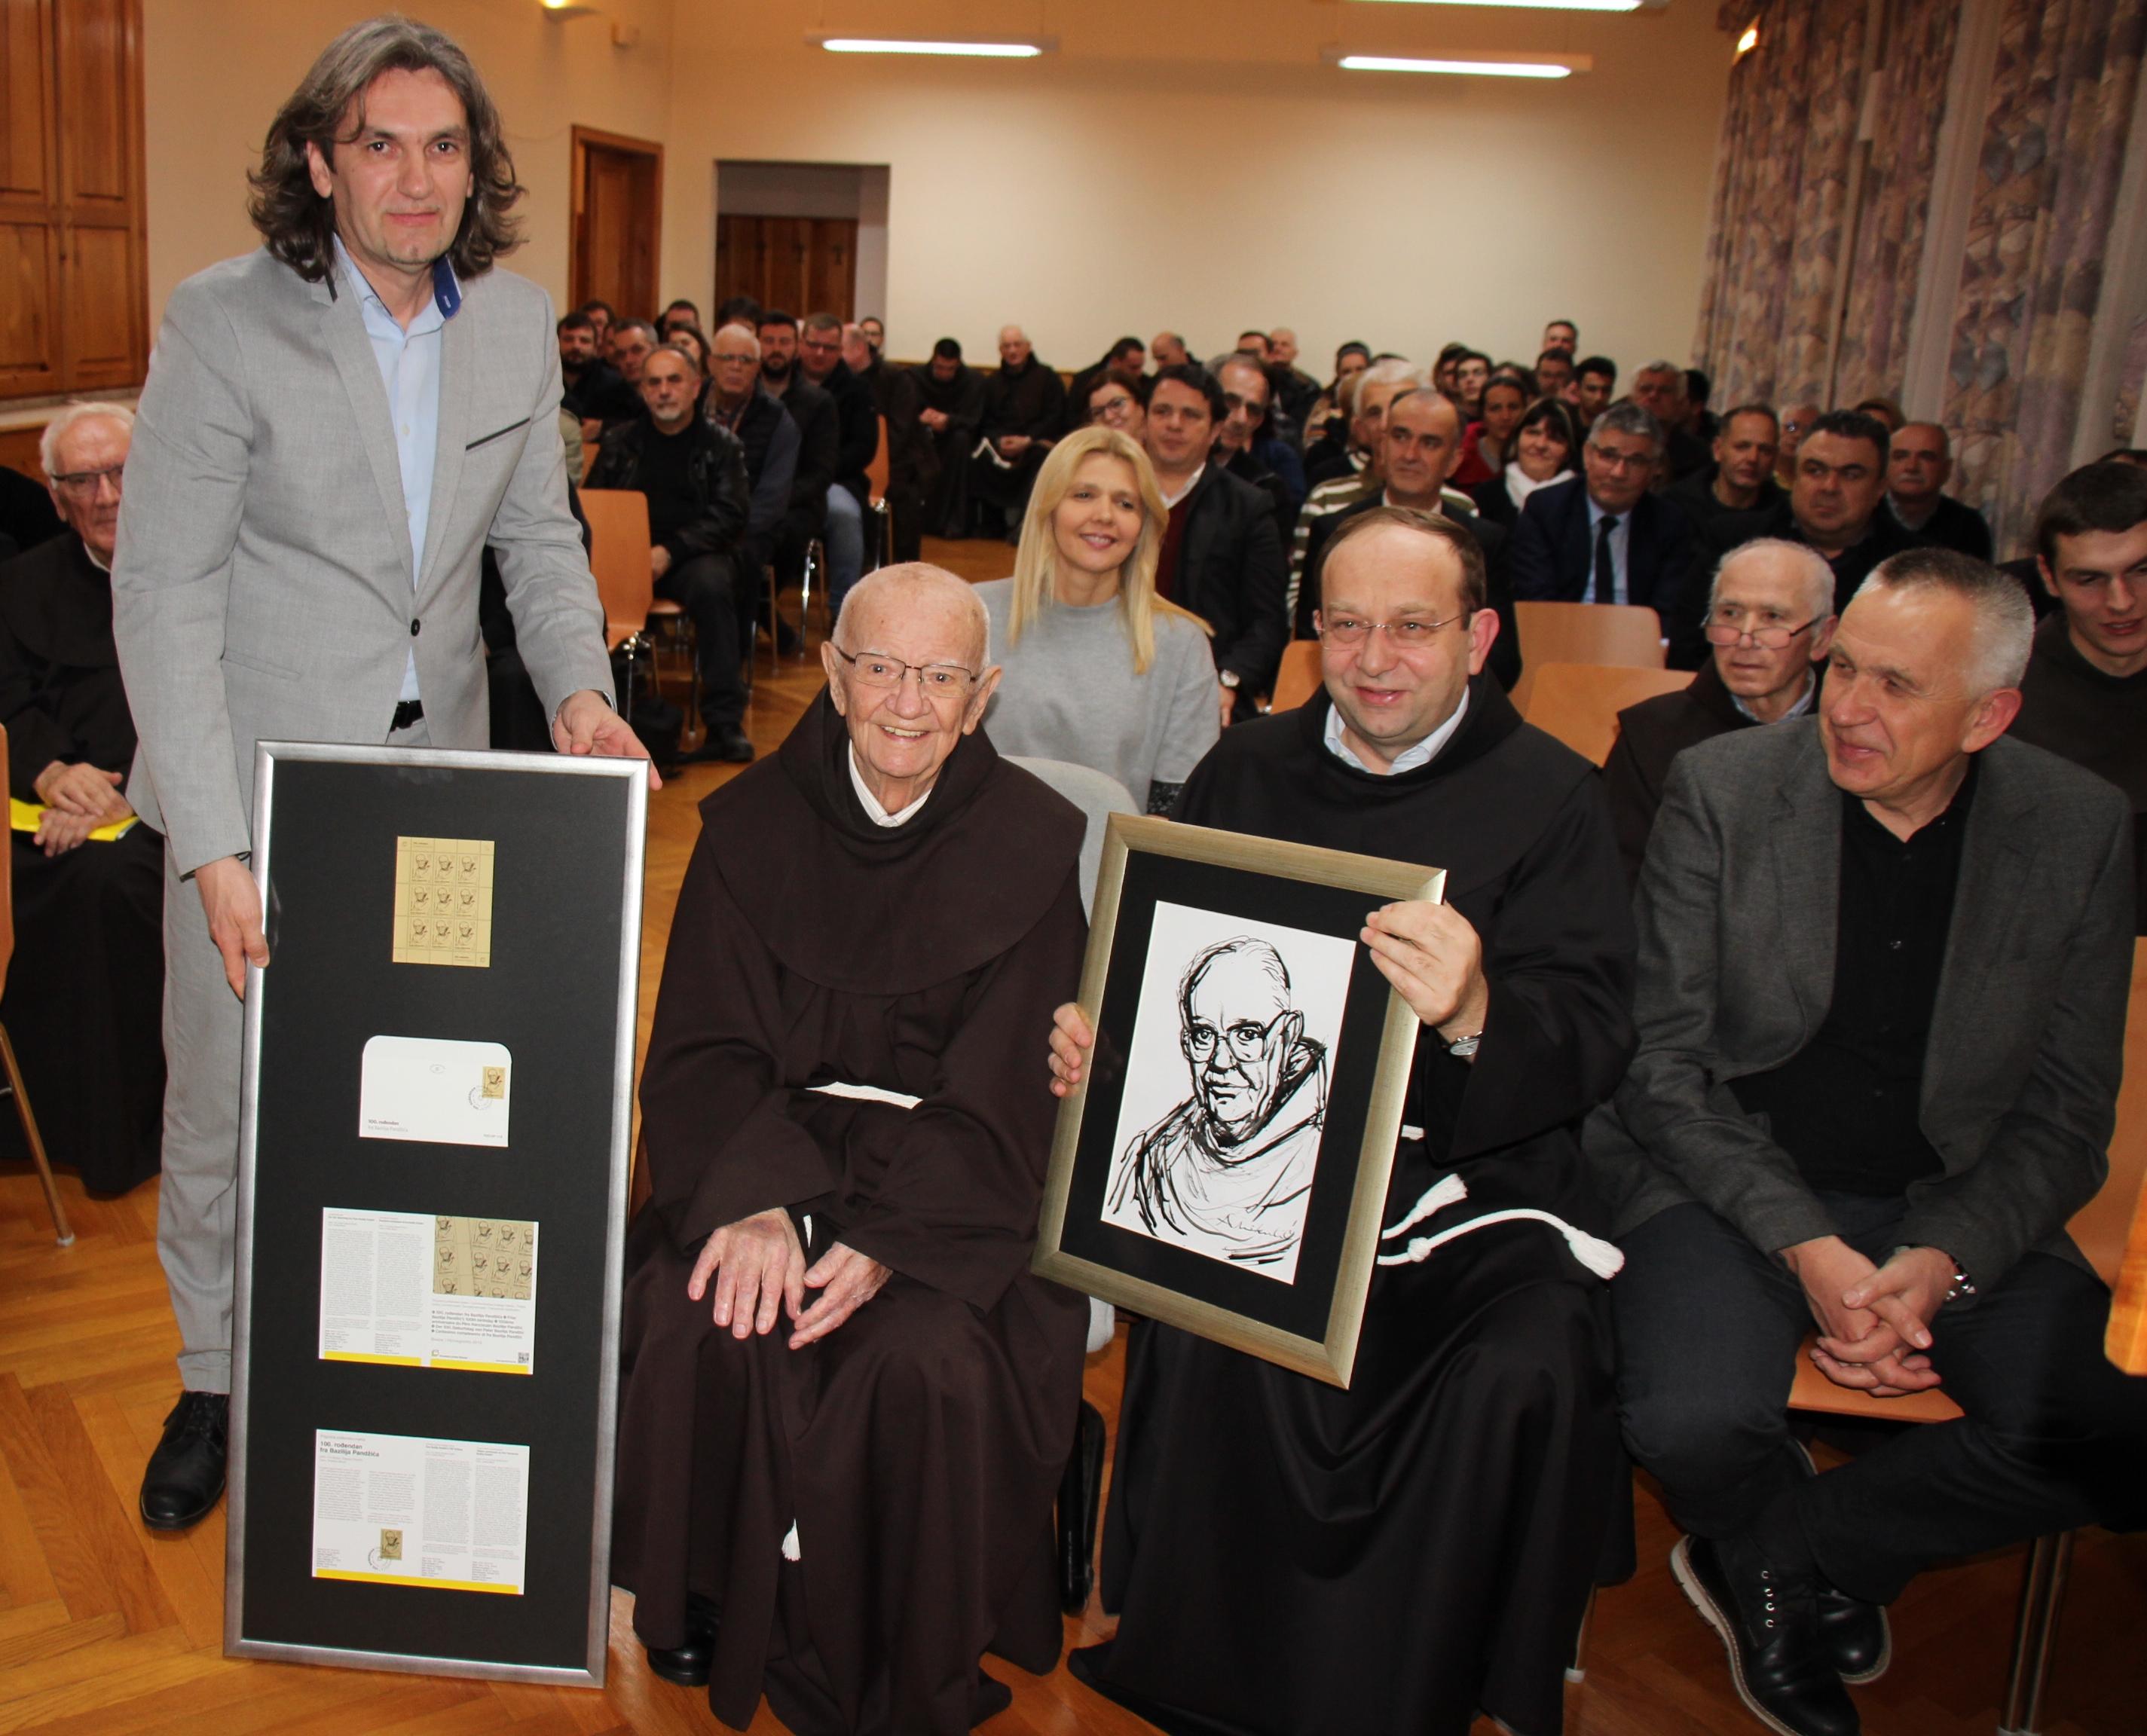 Fra Baziliju Pandžiću uručena marka s njegovim likom